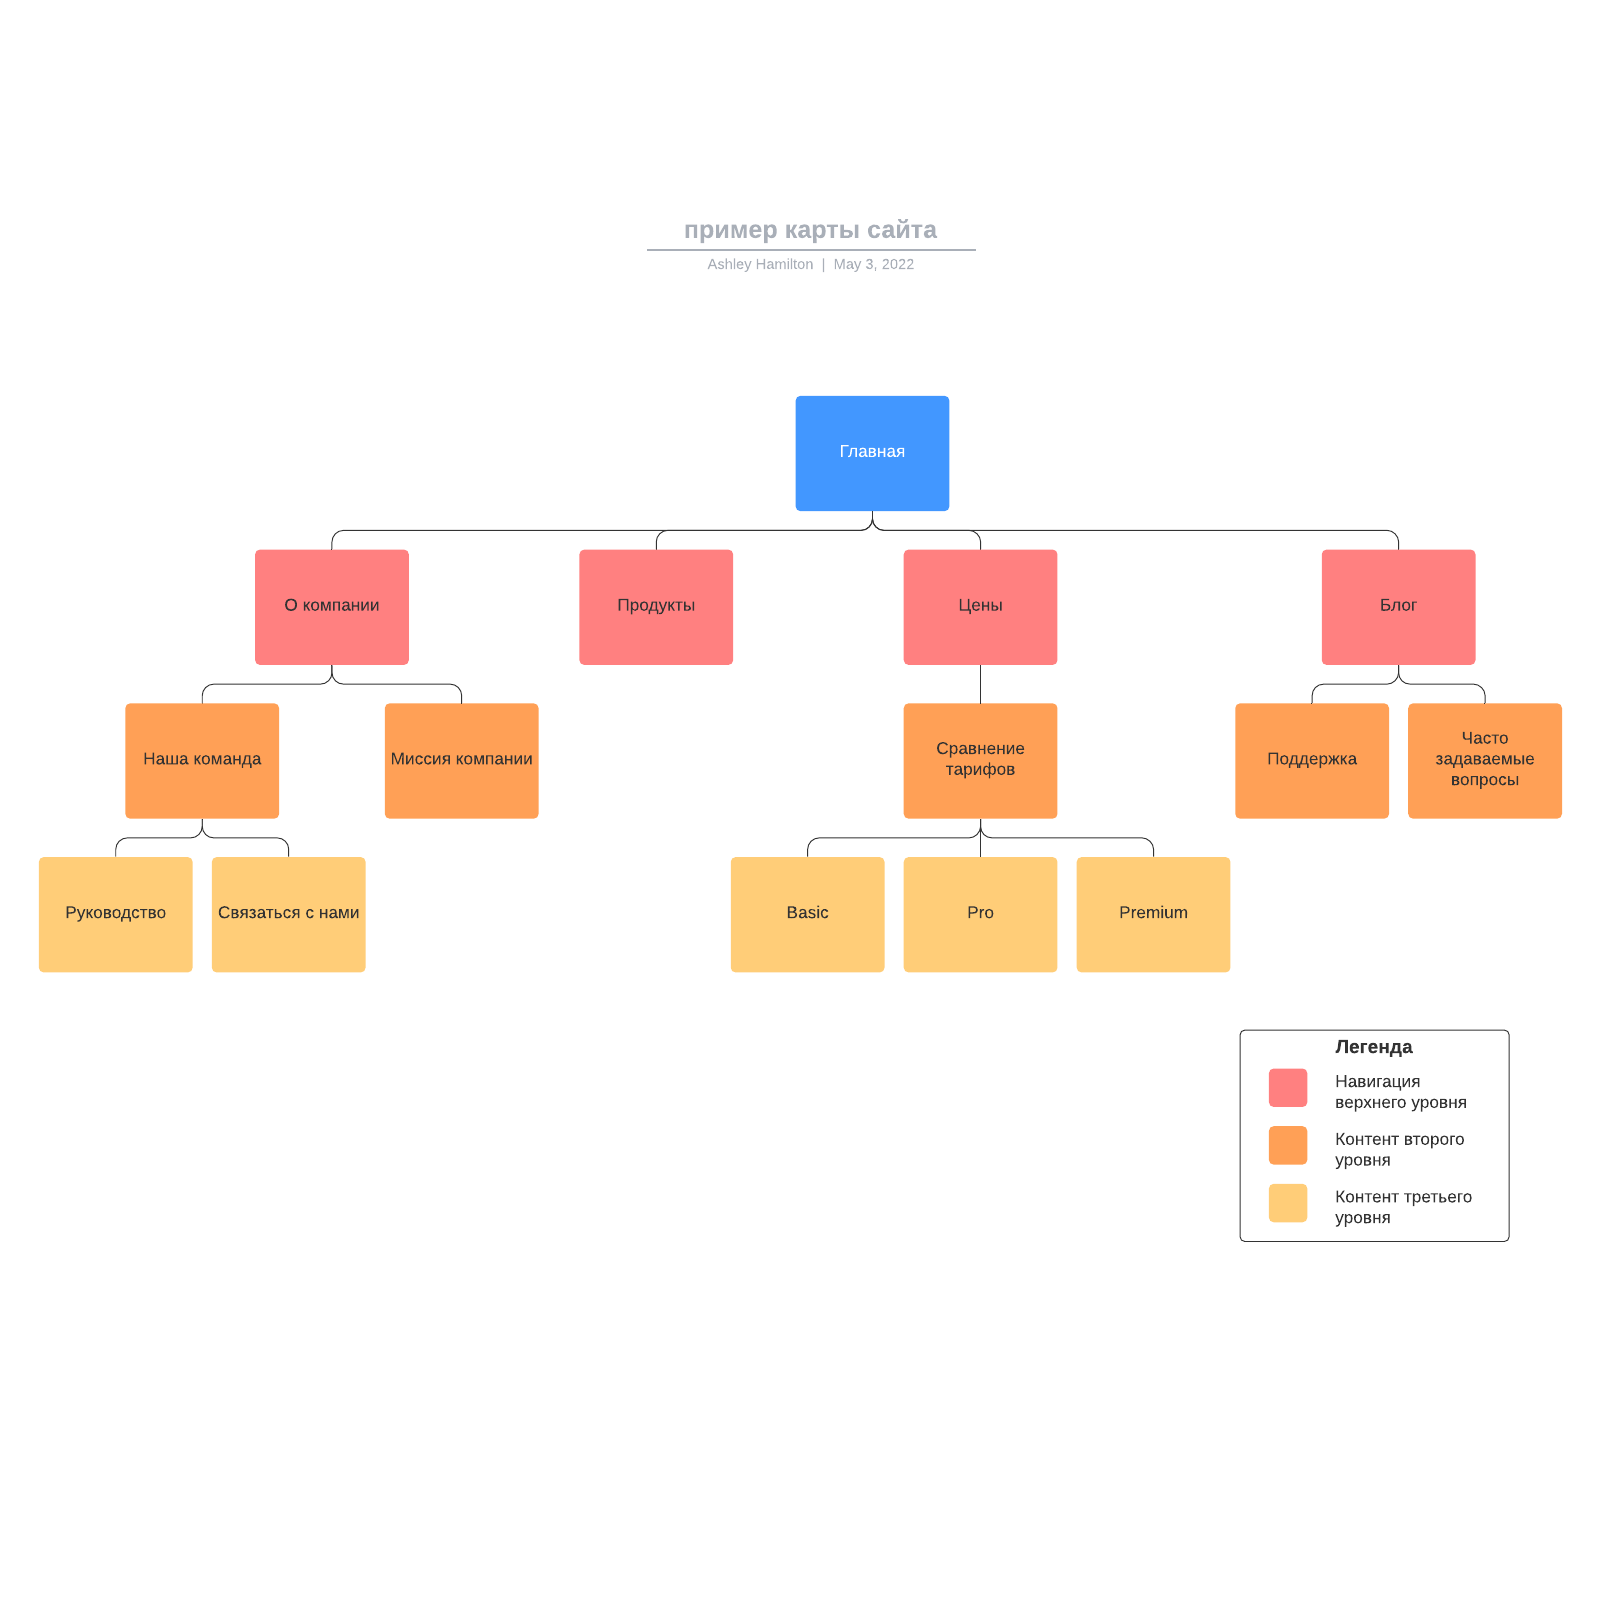 пример карты сайта